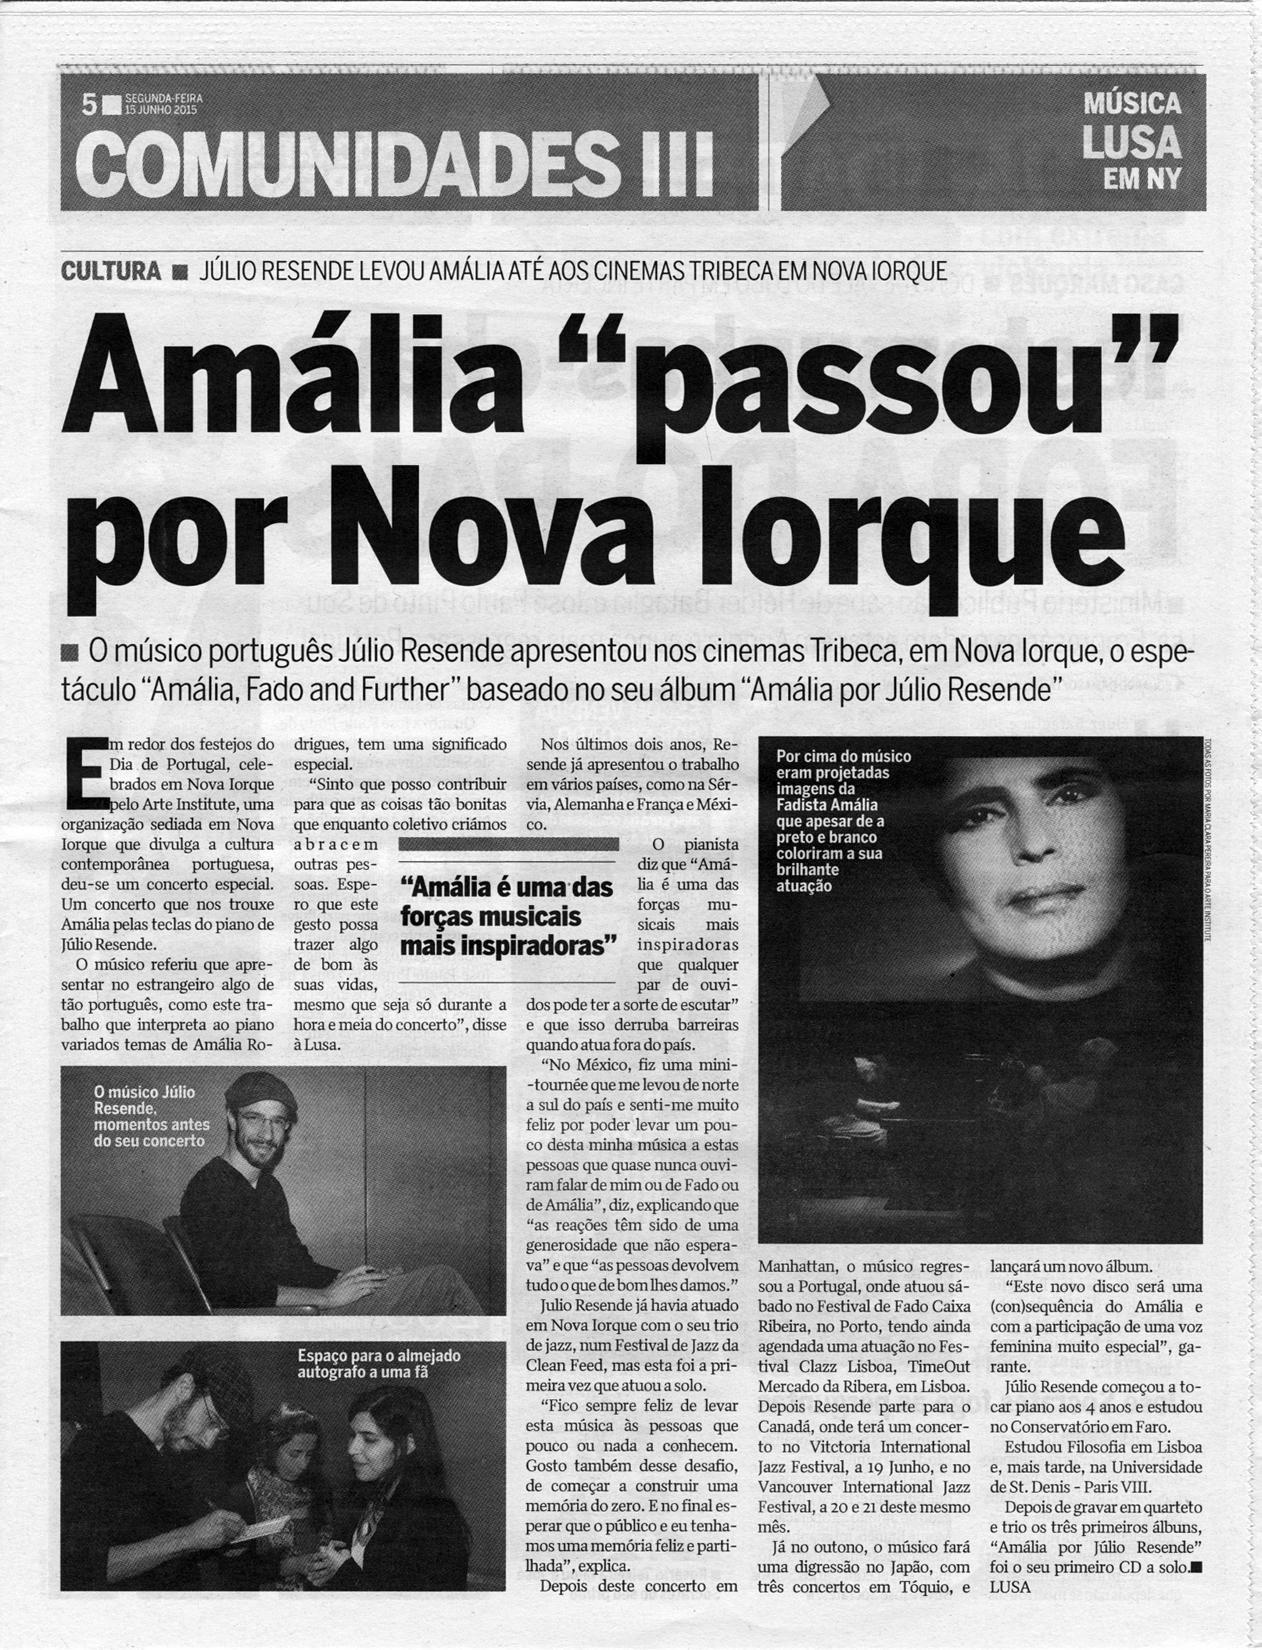 24horas newspaper, 2015